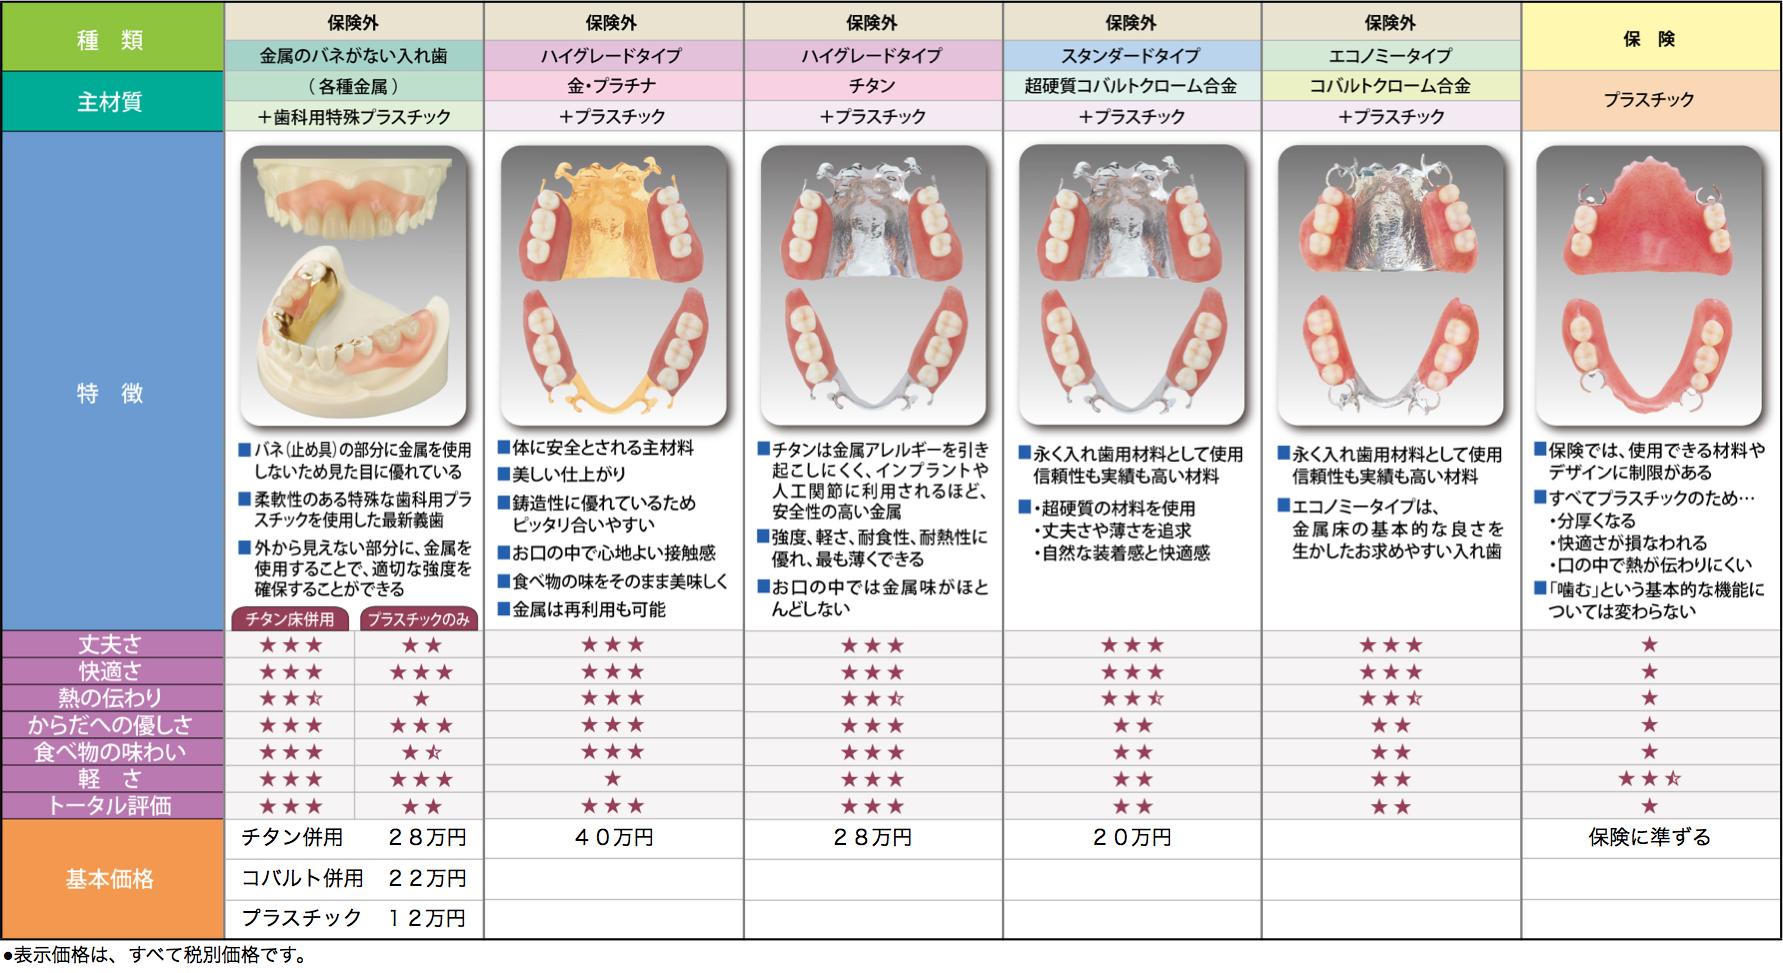 部分入れ歯の一覧表